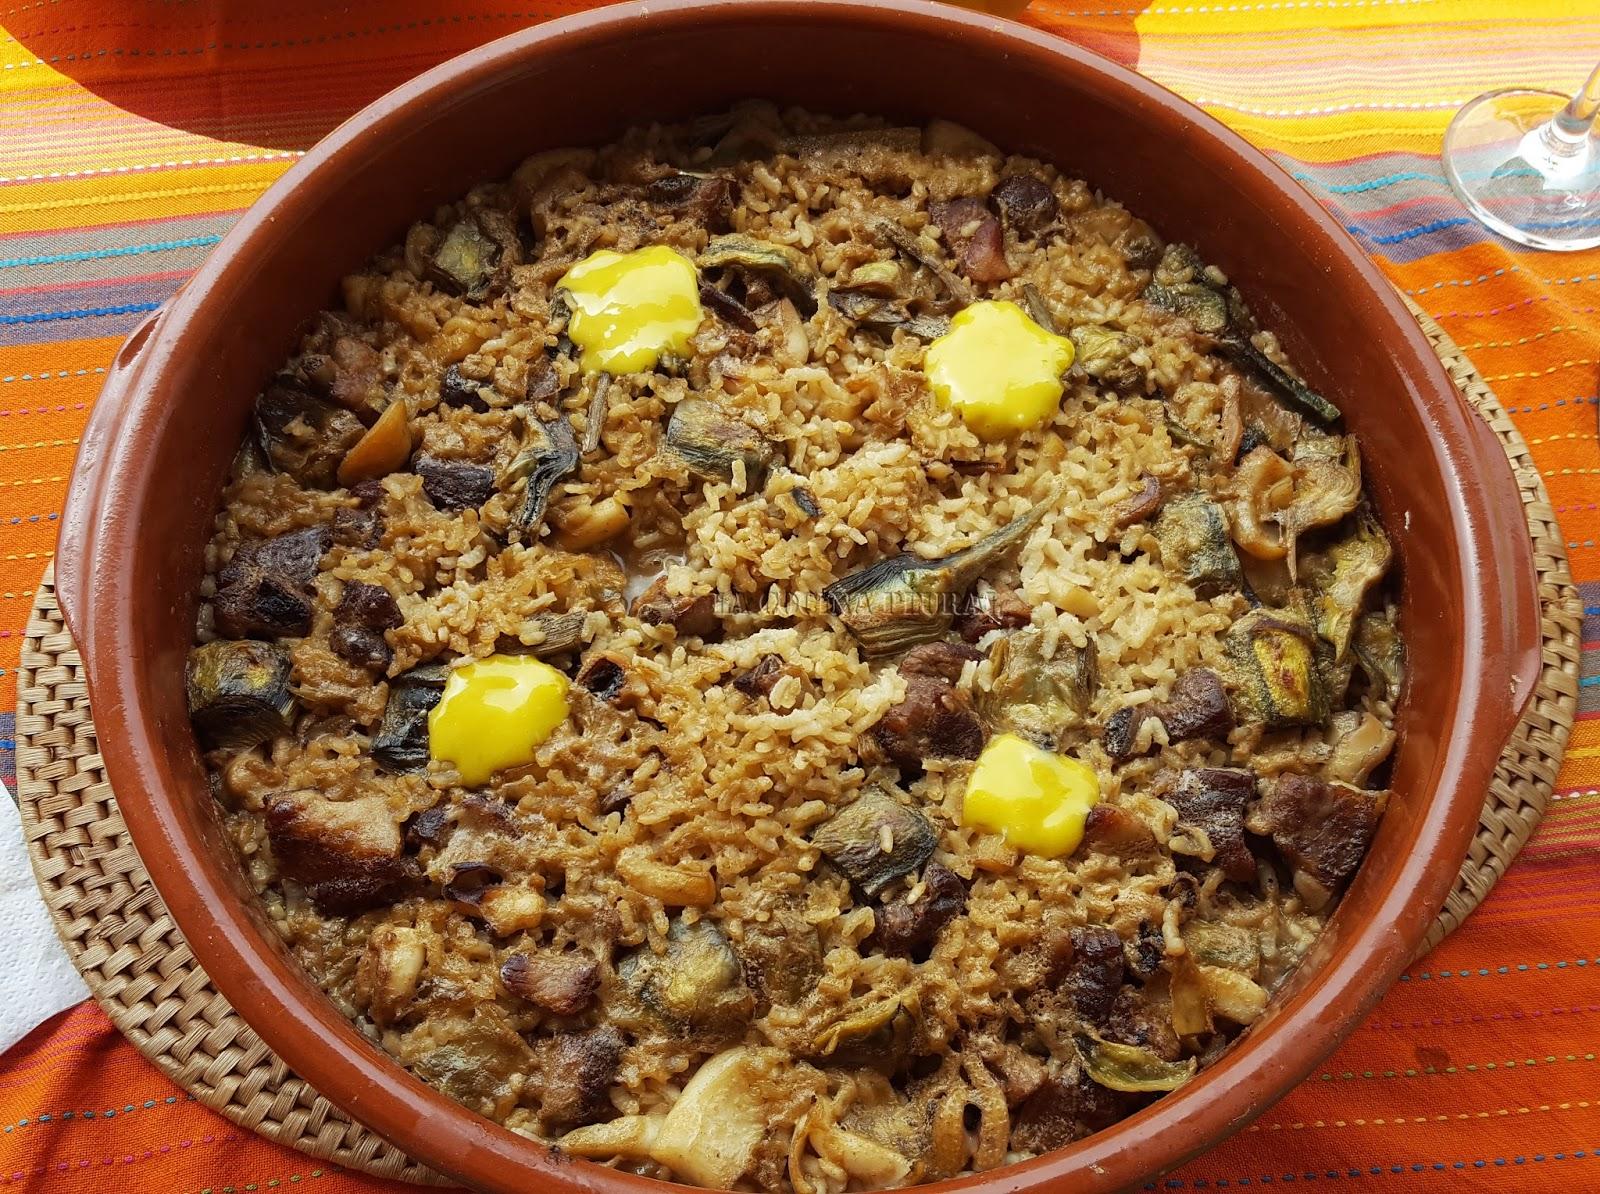 La cocina plural mar y monta a arroz con alcachofas - Arroz con verduras y costillas ...